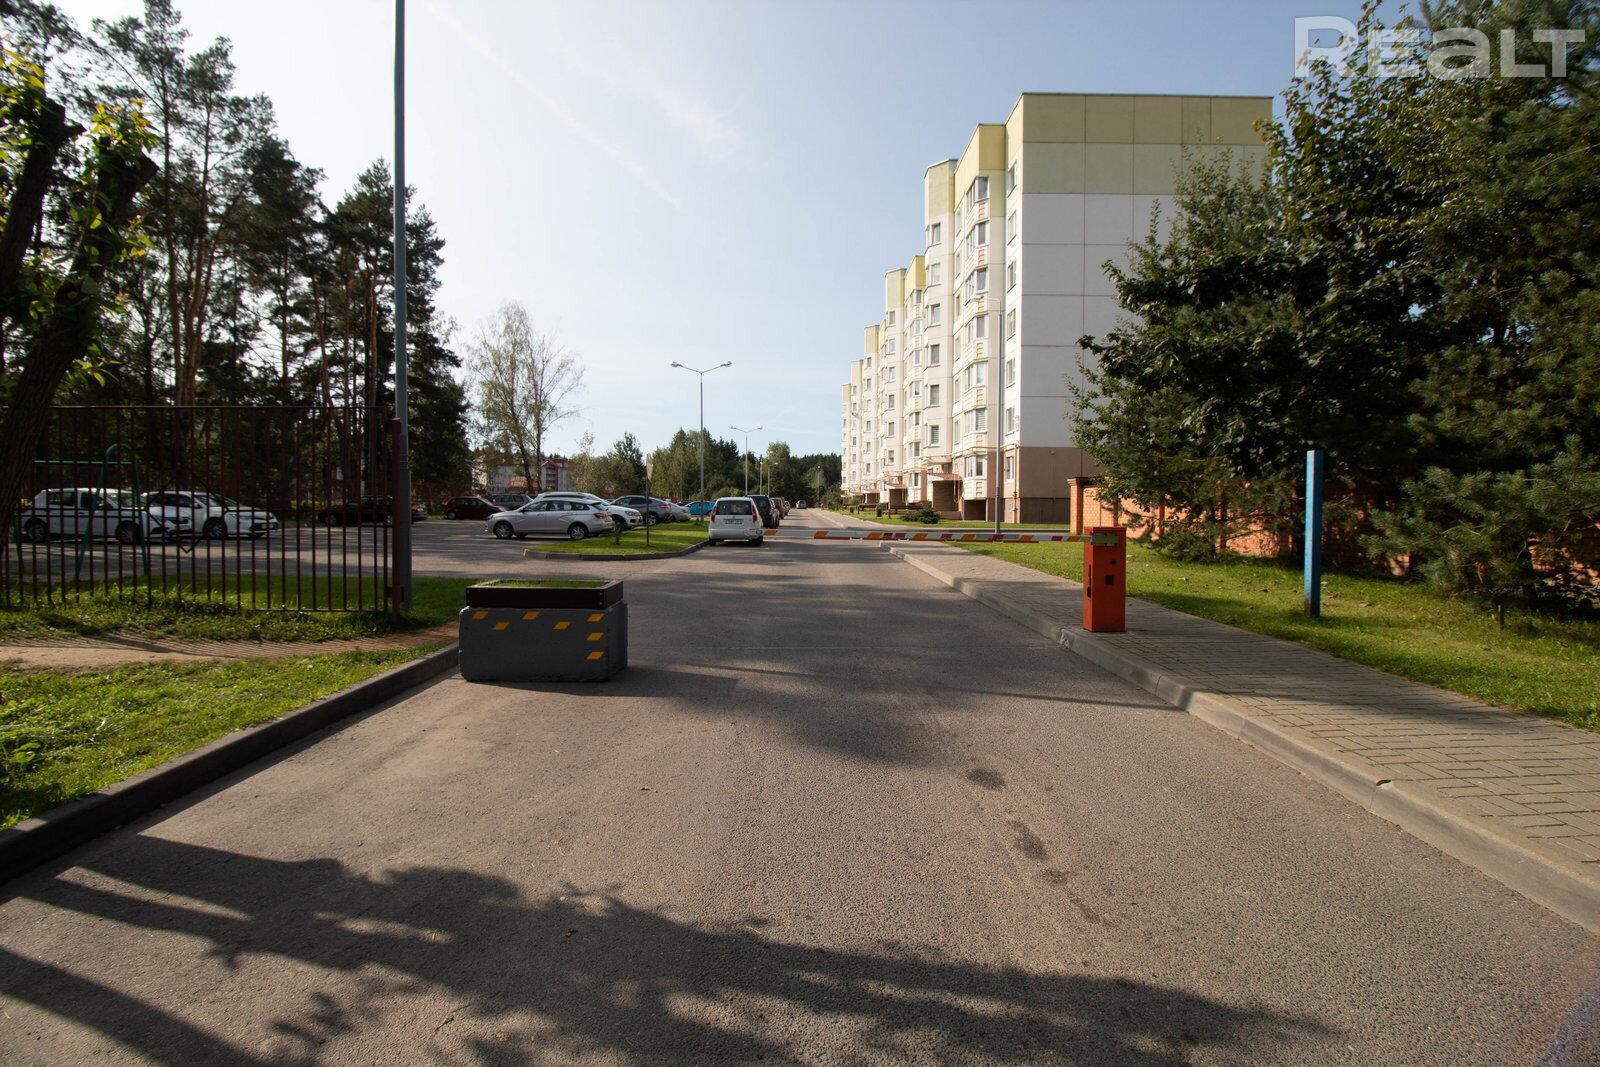 Продается 3-х комнатная квартира, Боровляны - фото №22